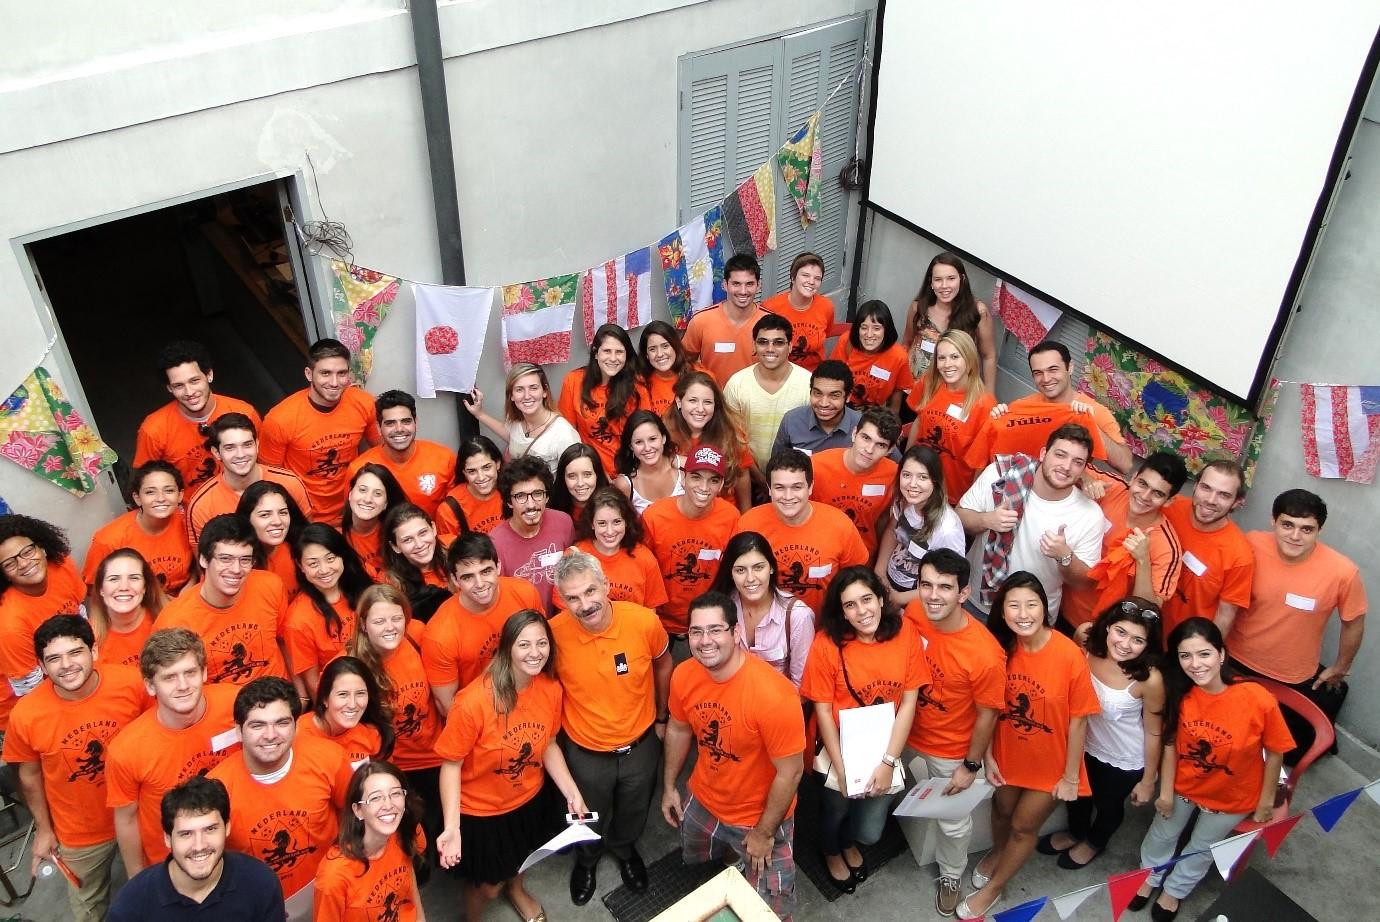 Orange Tulip Scholarship là chương trình học bổng vô cùng giá trị